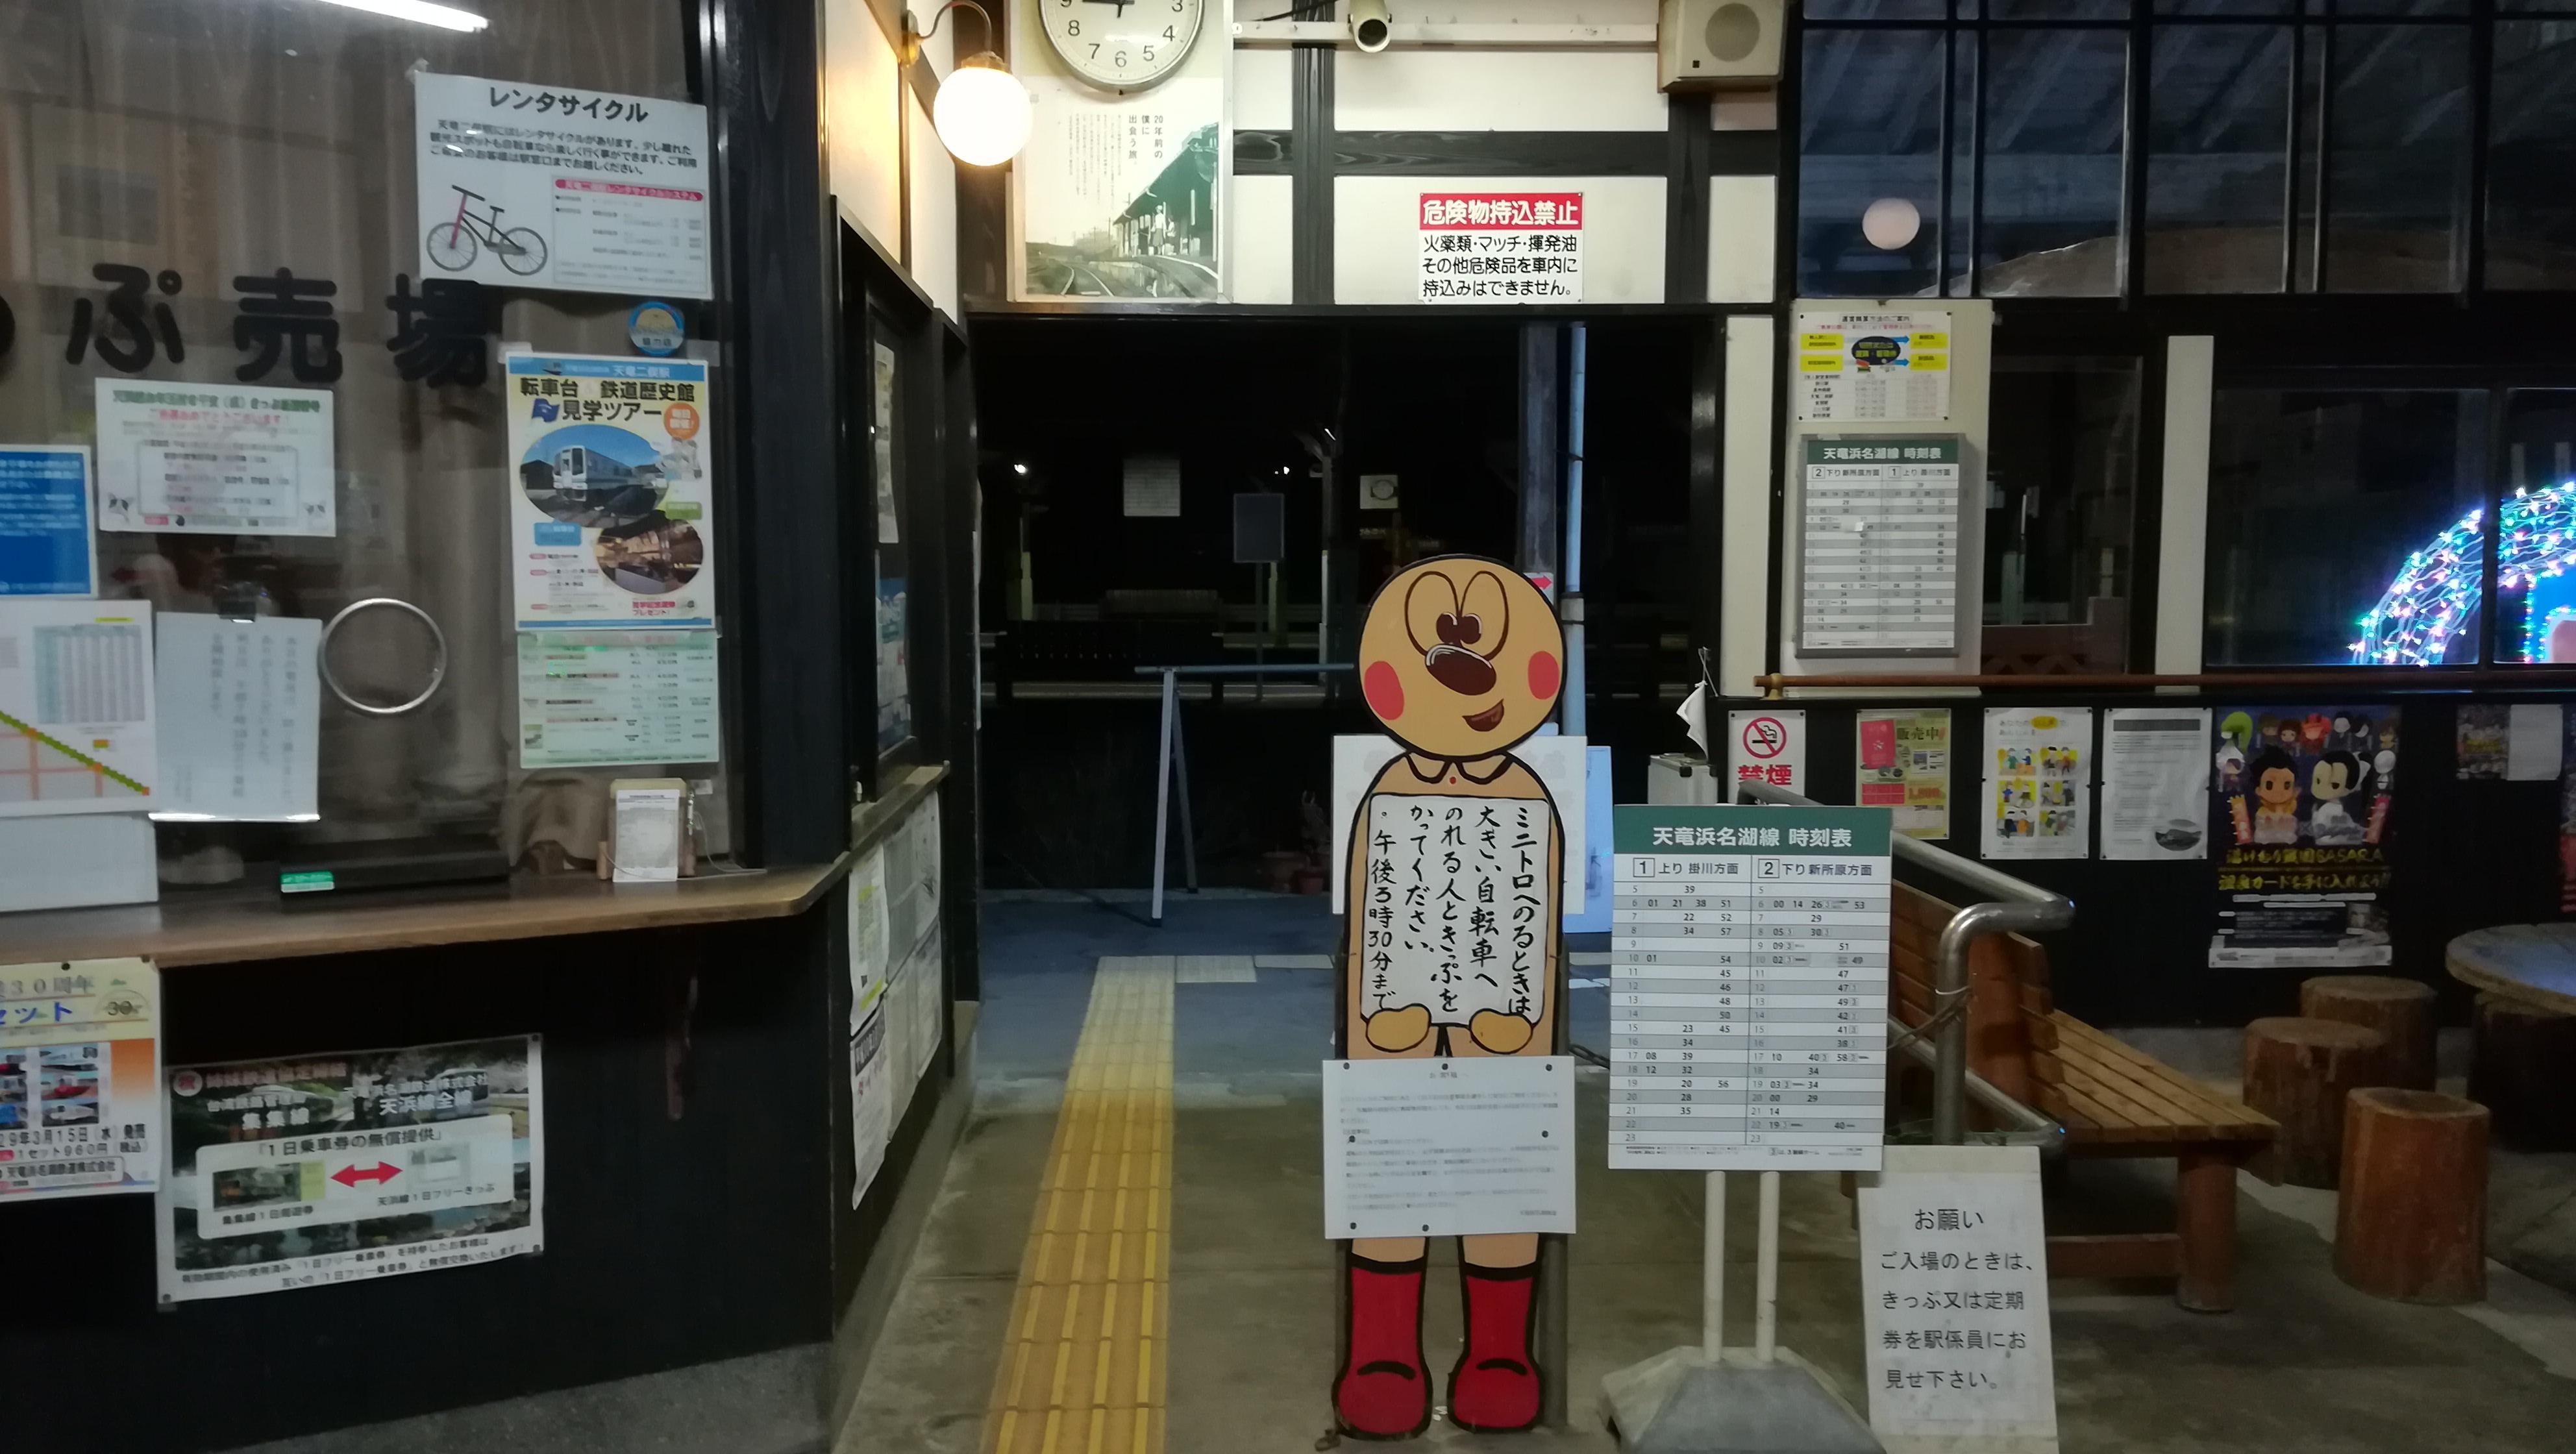 【天竜浜名湖鉄道】天竜二俣駅はみどころたくさん。珍百景も有り!?